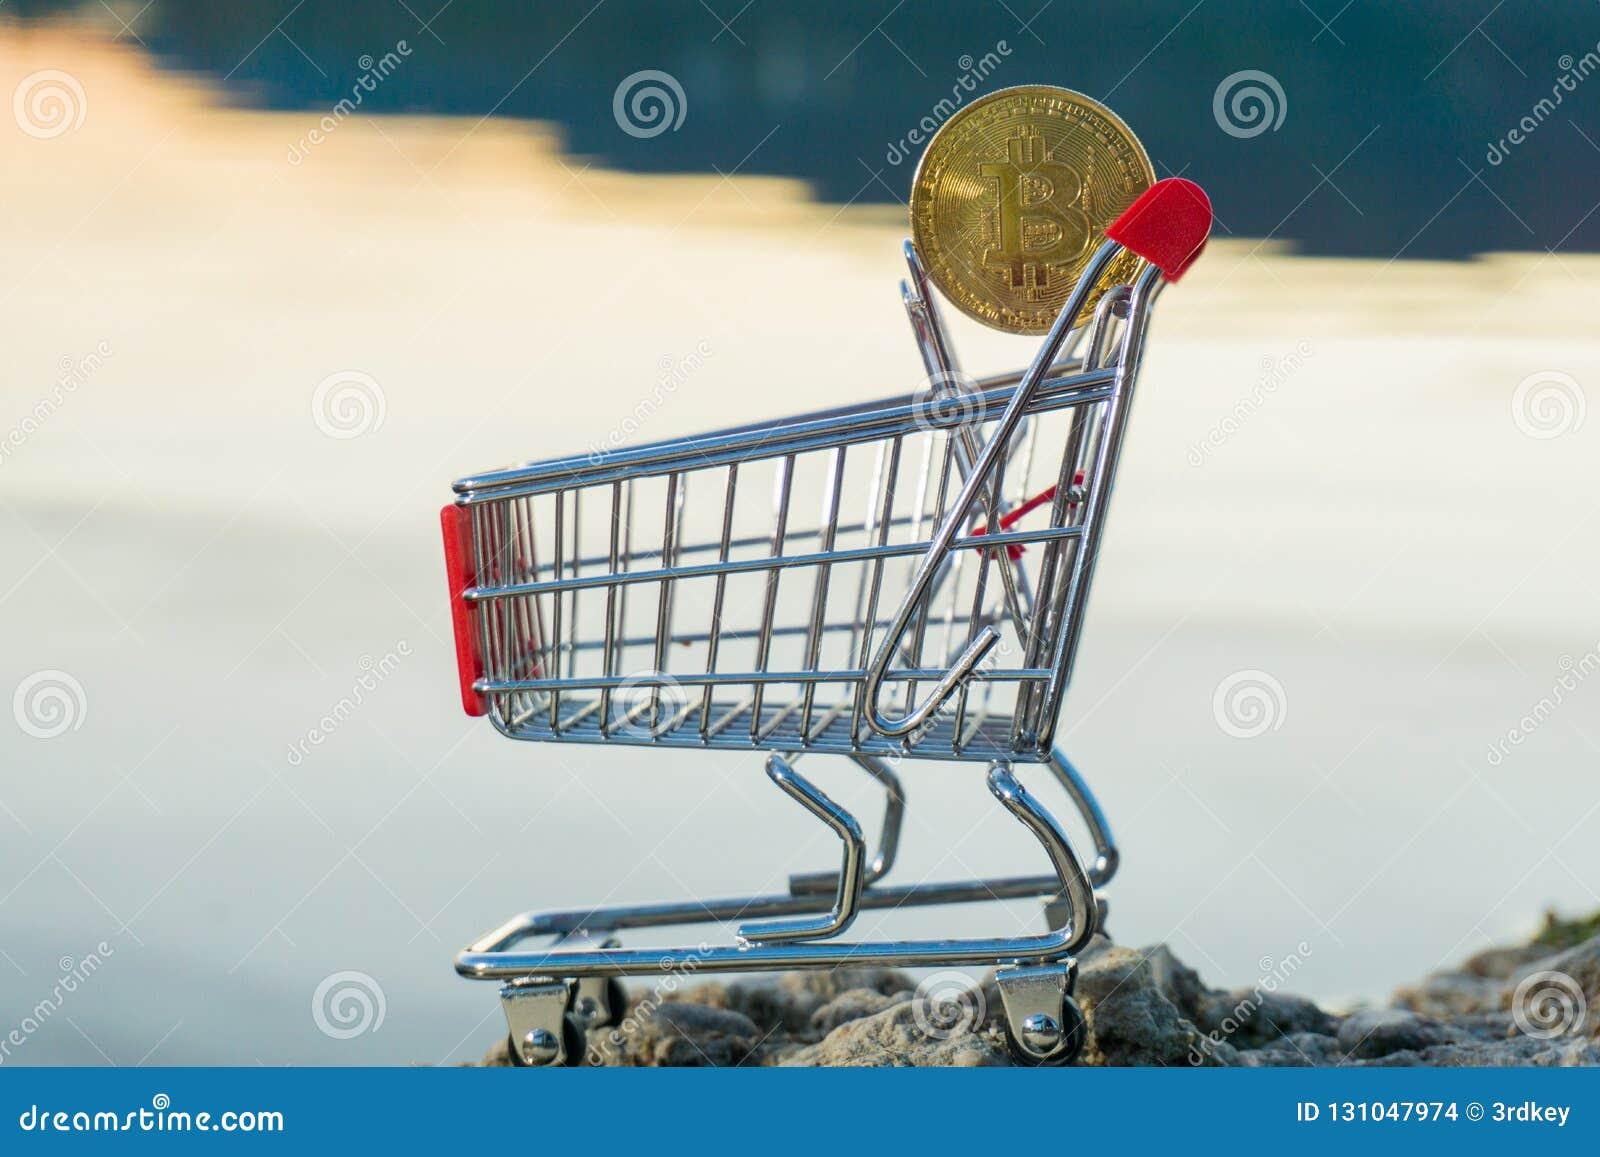 Zakupy w bitcoins online sports betting in uganda